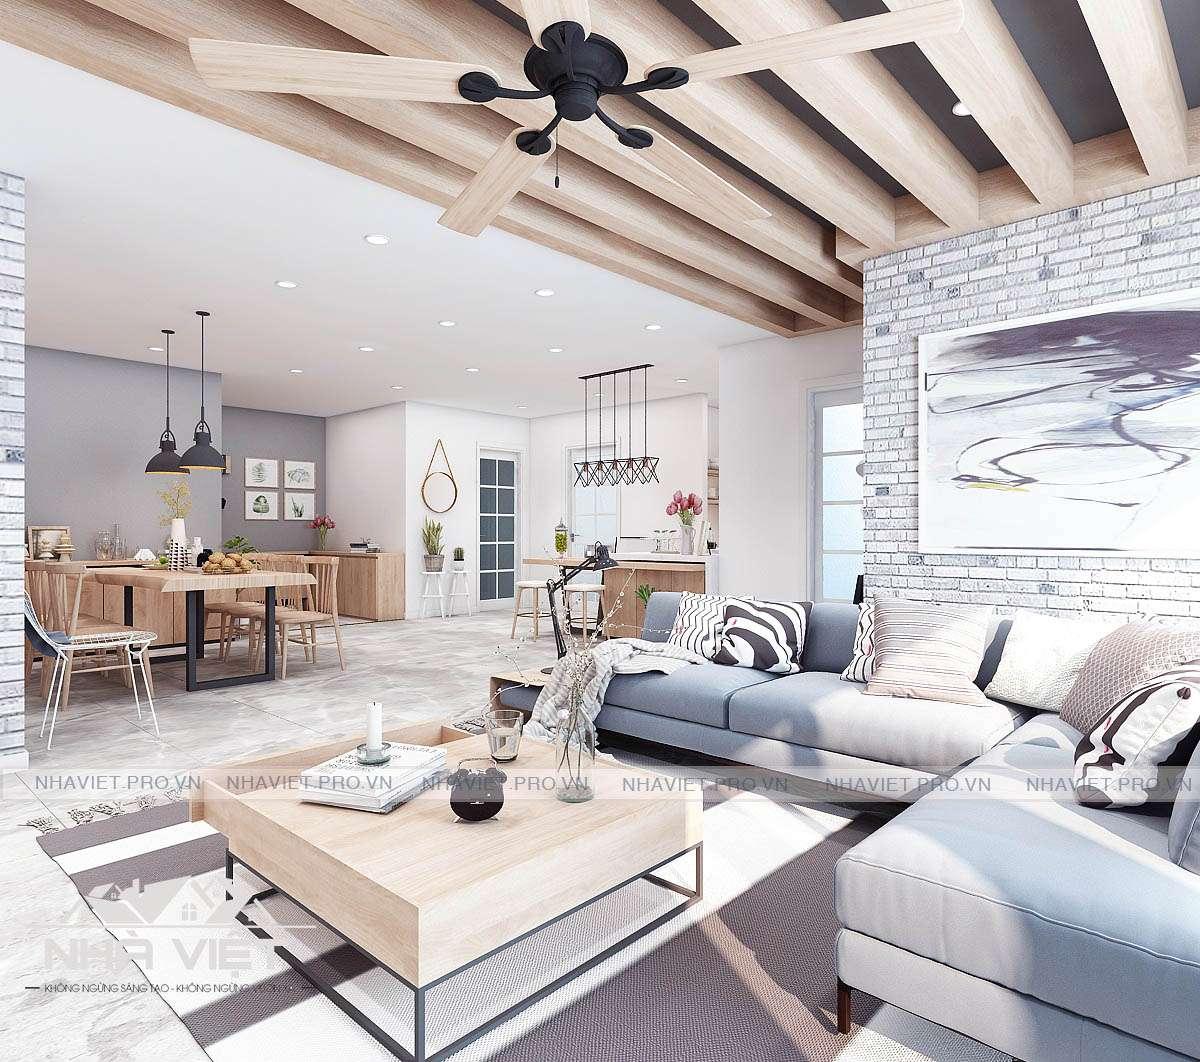 Thiết kế nội thất căn hộ 03 Park 12 – 4 phòng ngủ